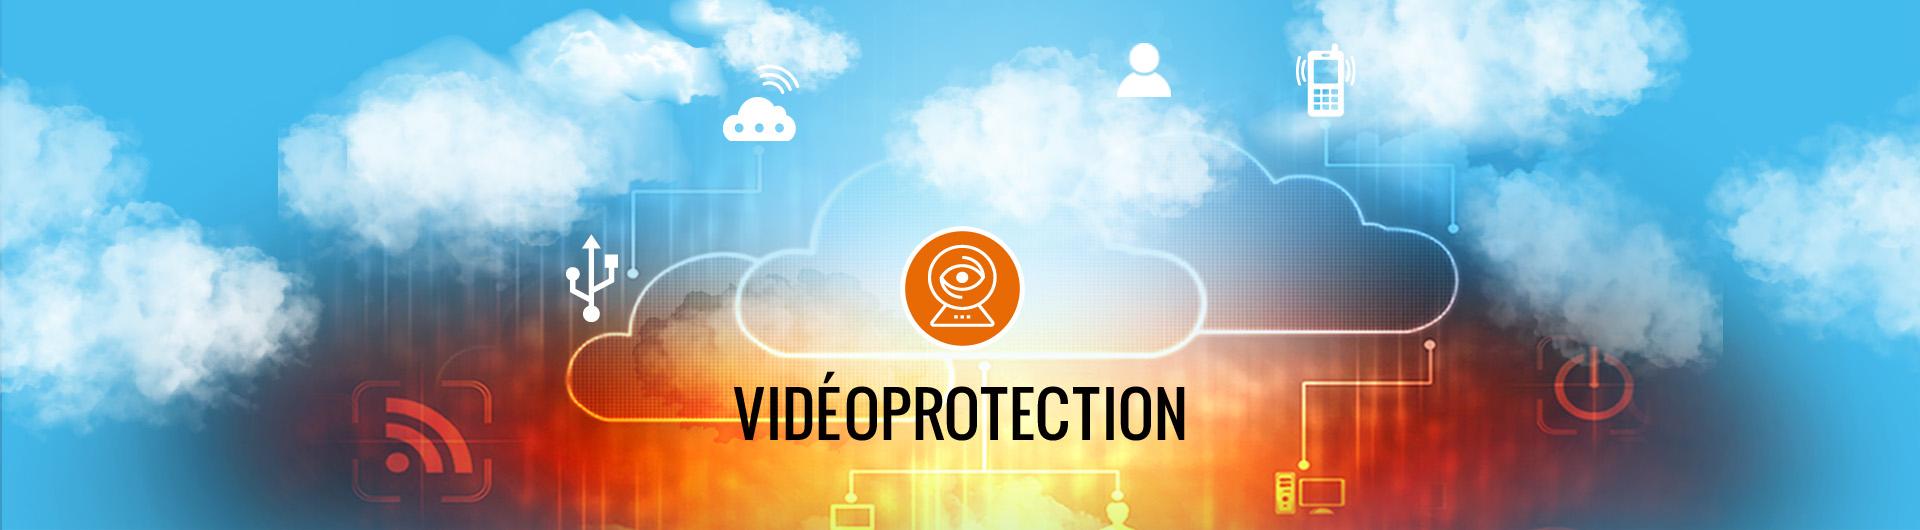 ACS'IT - Vidéoprotection publique et vidéosurveillance de votre site